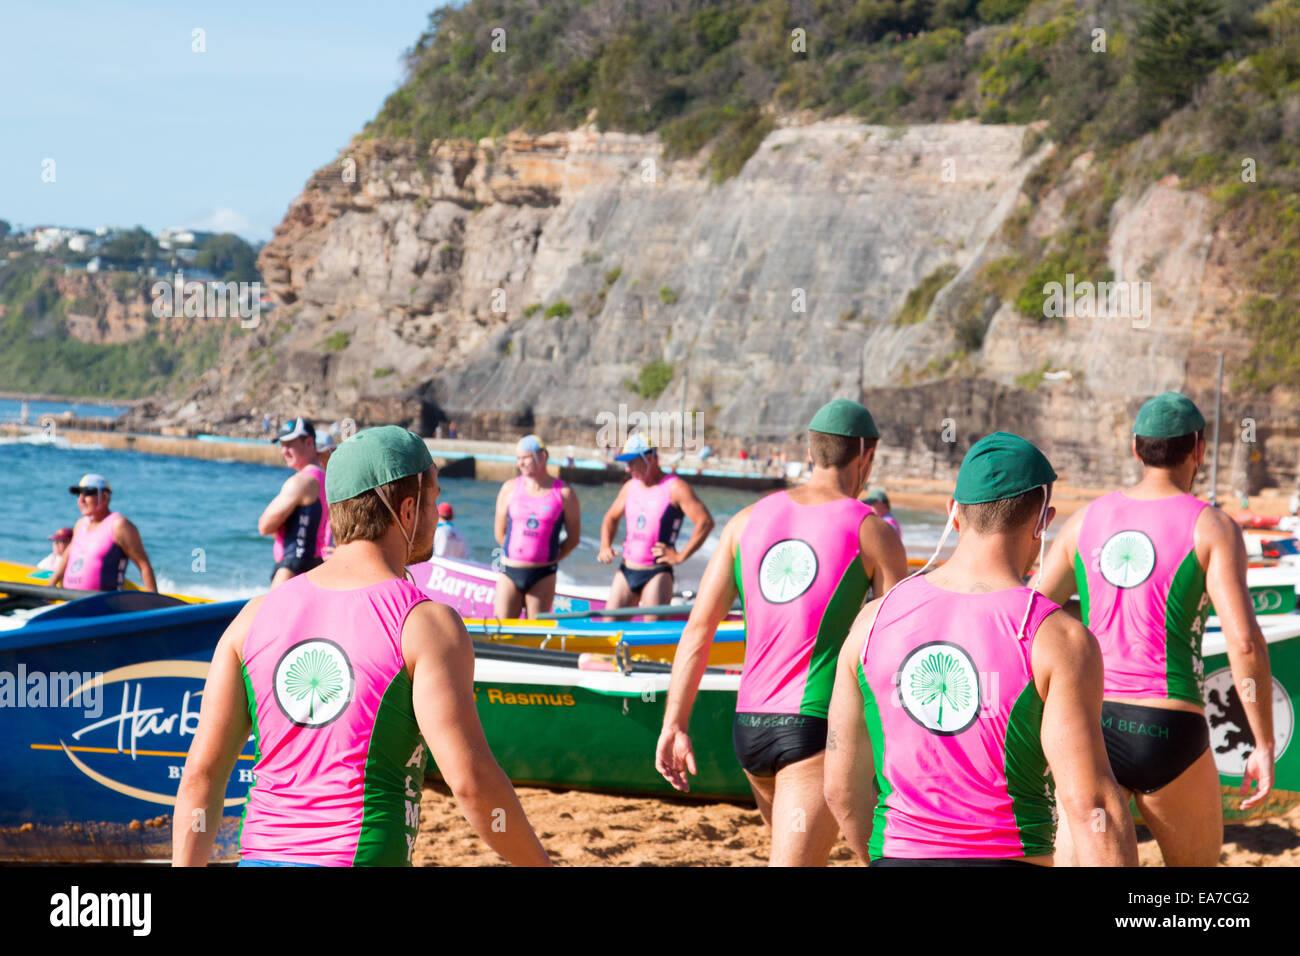 Sydney, Australia. 8 Novembre, 2014. Estate surfboat racing la concorrenza tra surfclubs situato a Sydney le spiagge Immagini Stock